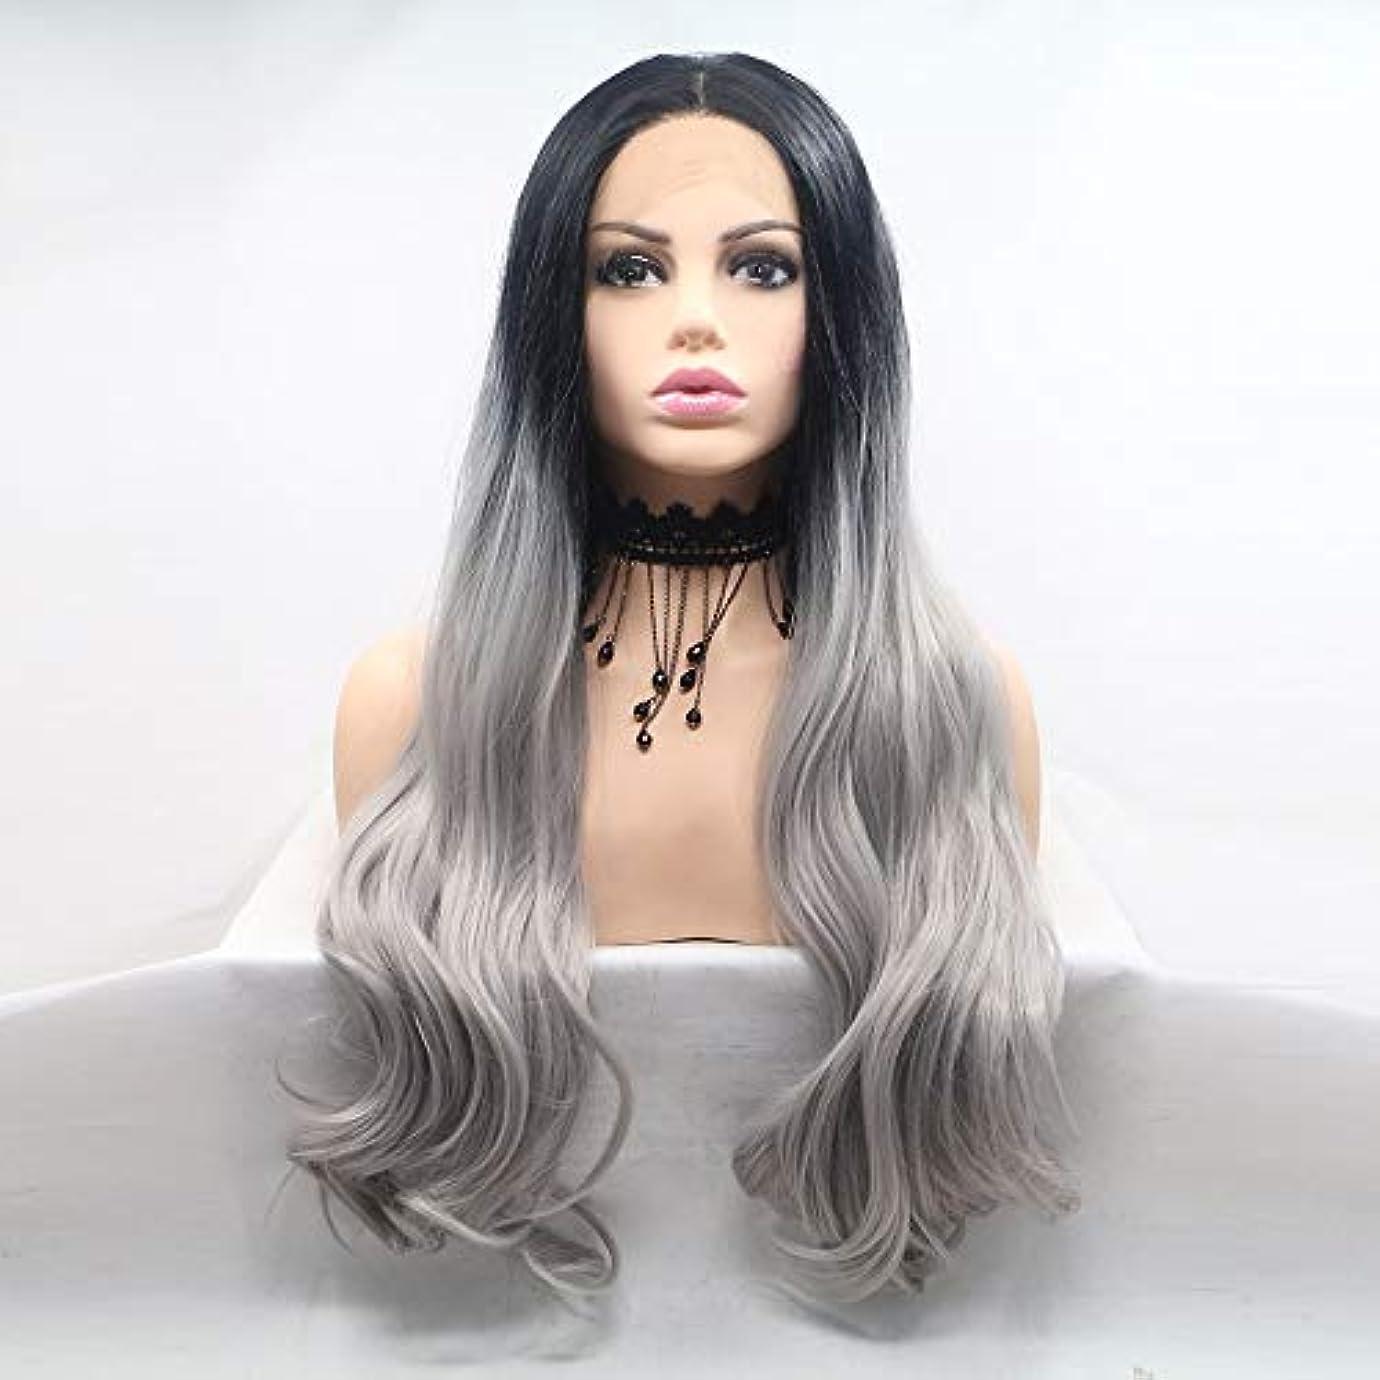 杭絵クロニクルZXF かつら女性手作りレースヨーロッパとアメリカのかつらはかつらの髪のセット - 黒 - リネングレー - 長い巻き毛のセット 美しい